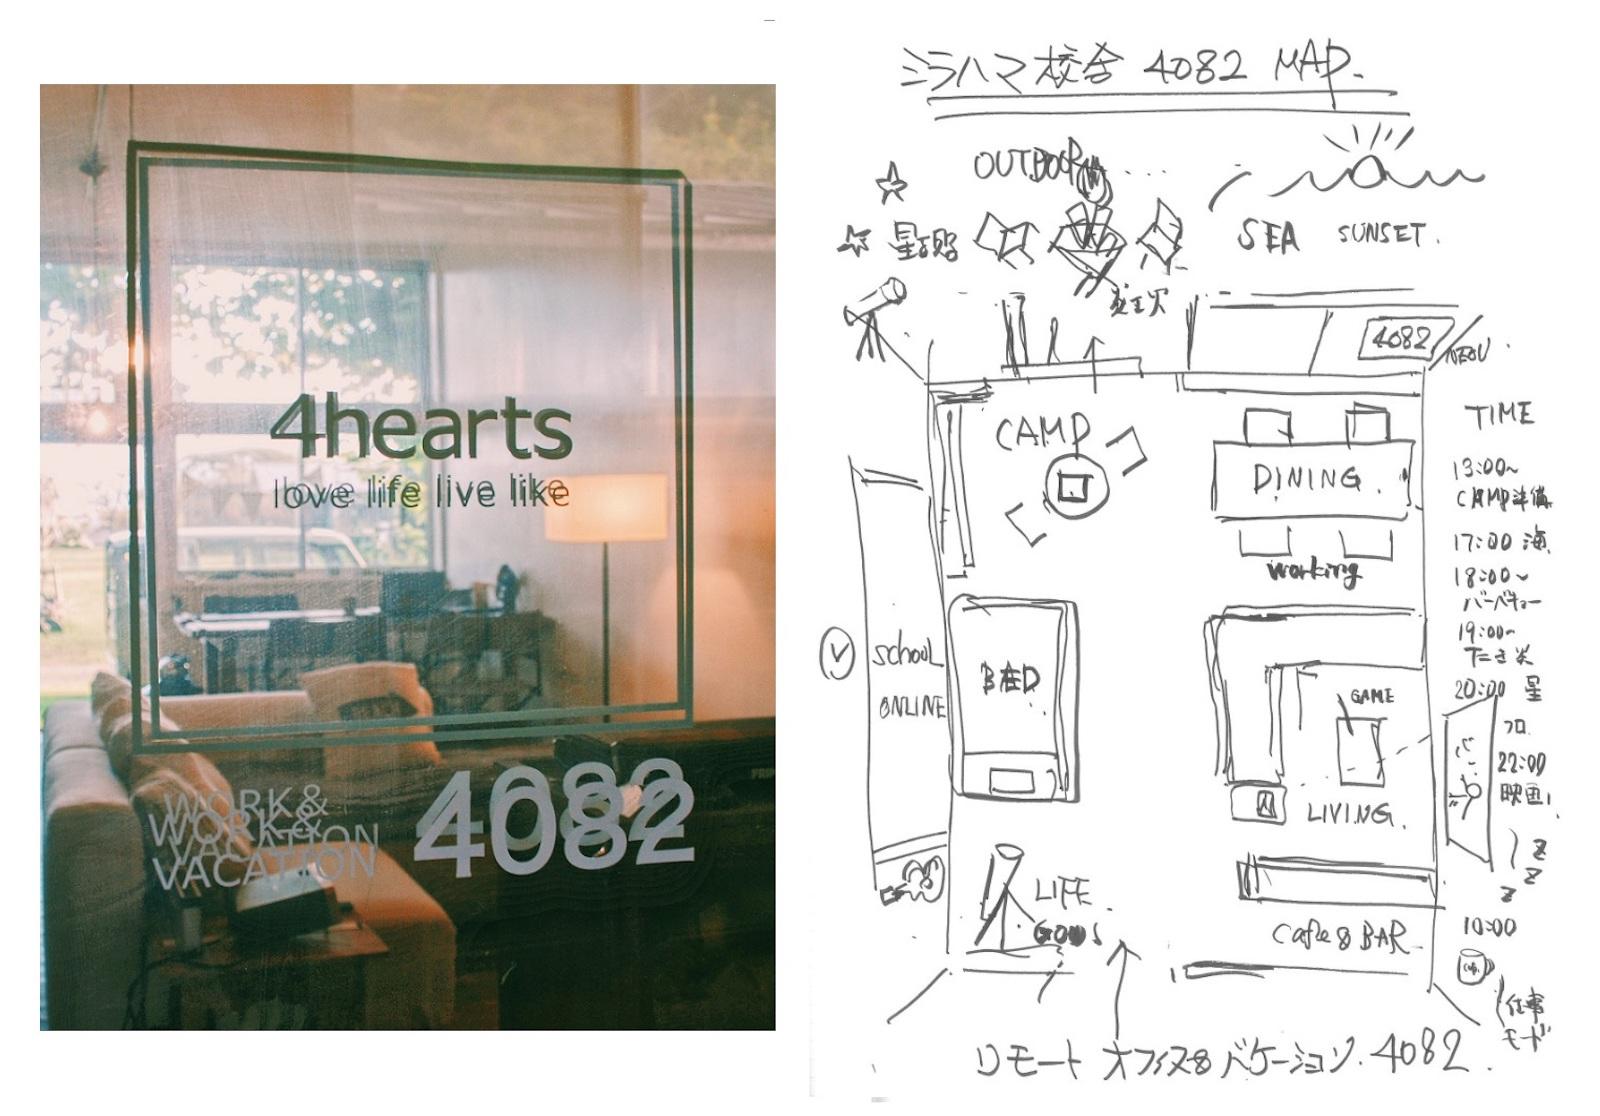 大高さん手描きの間取り図とタイムスケジュール